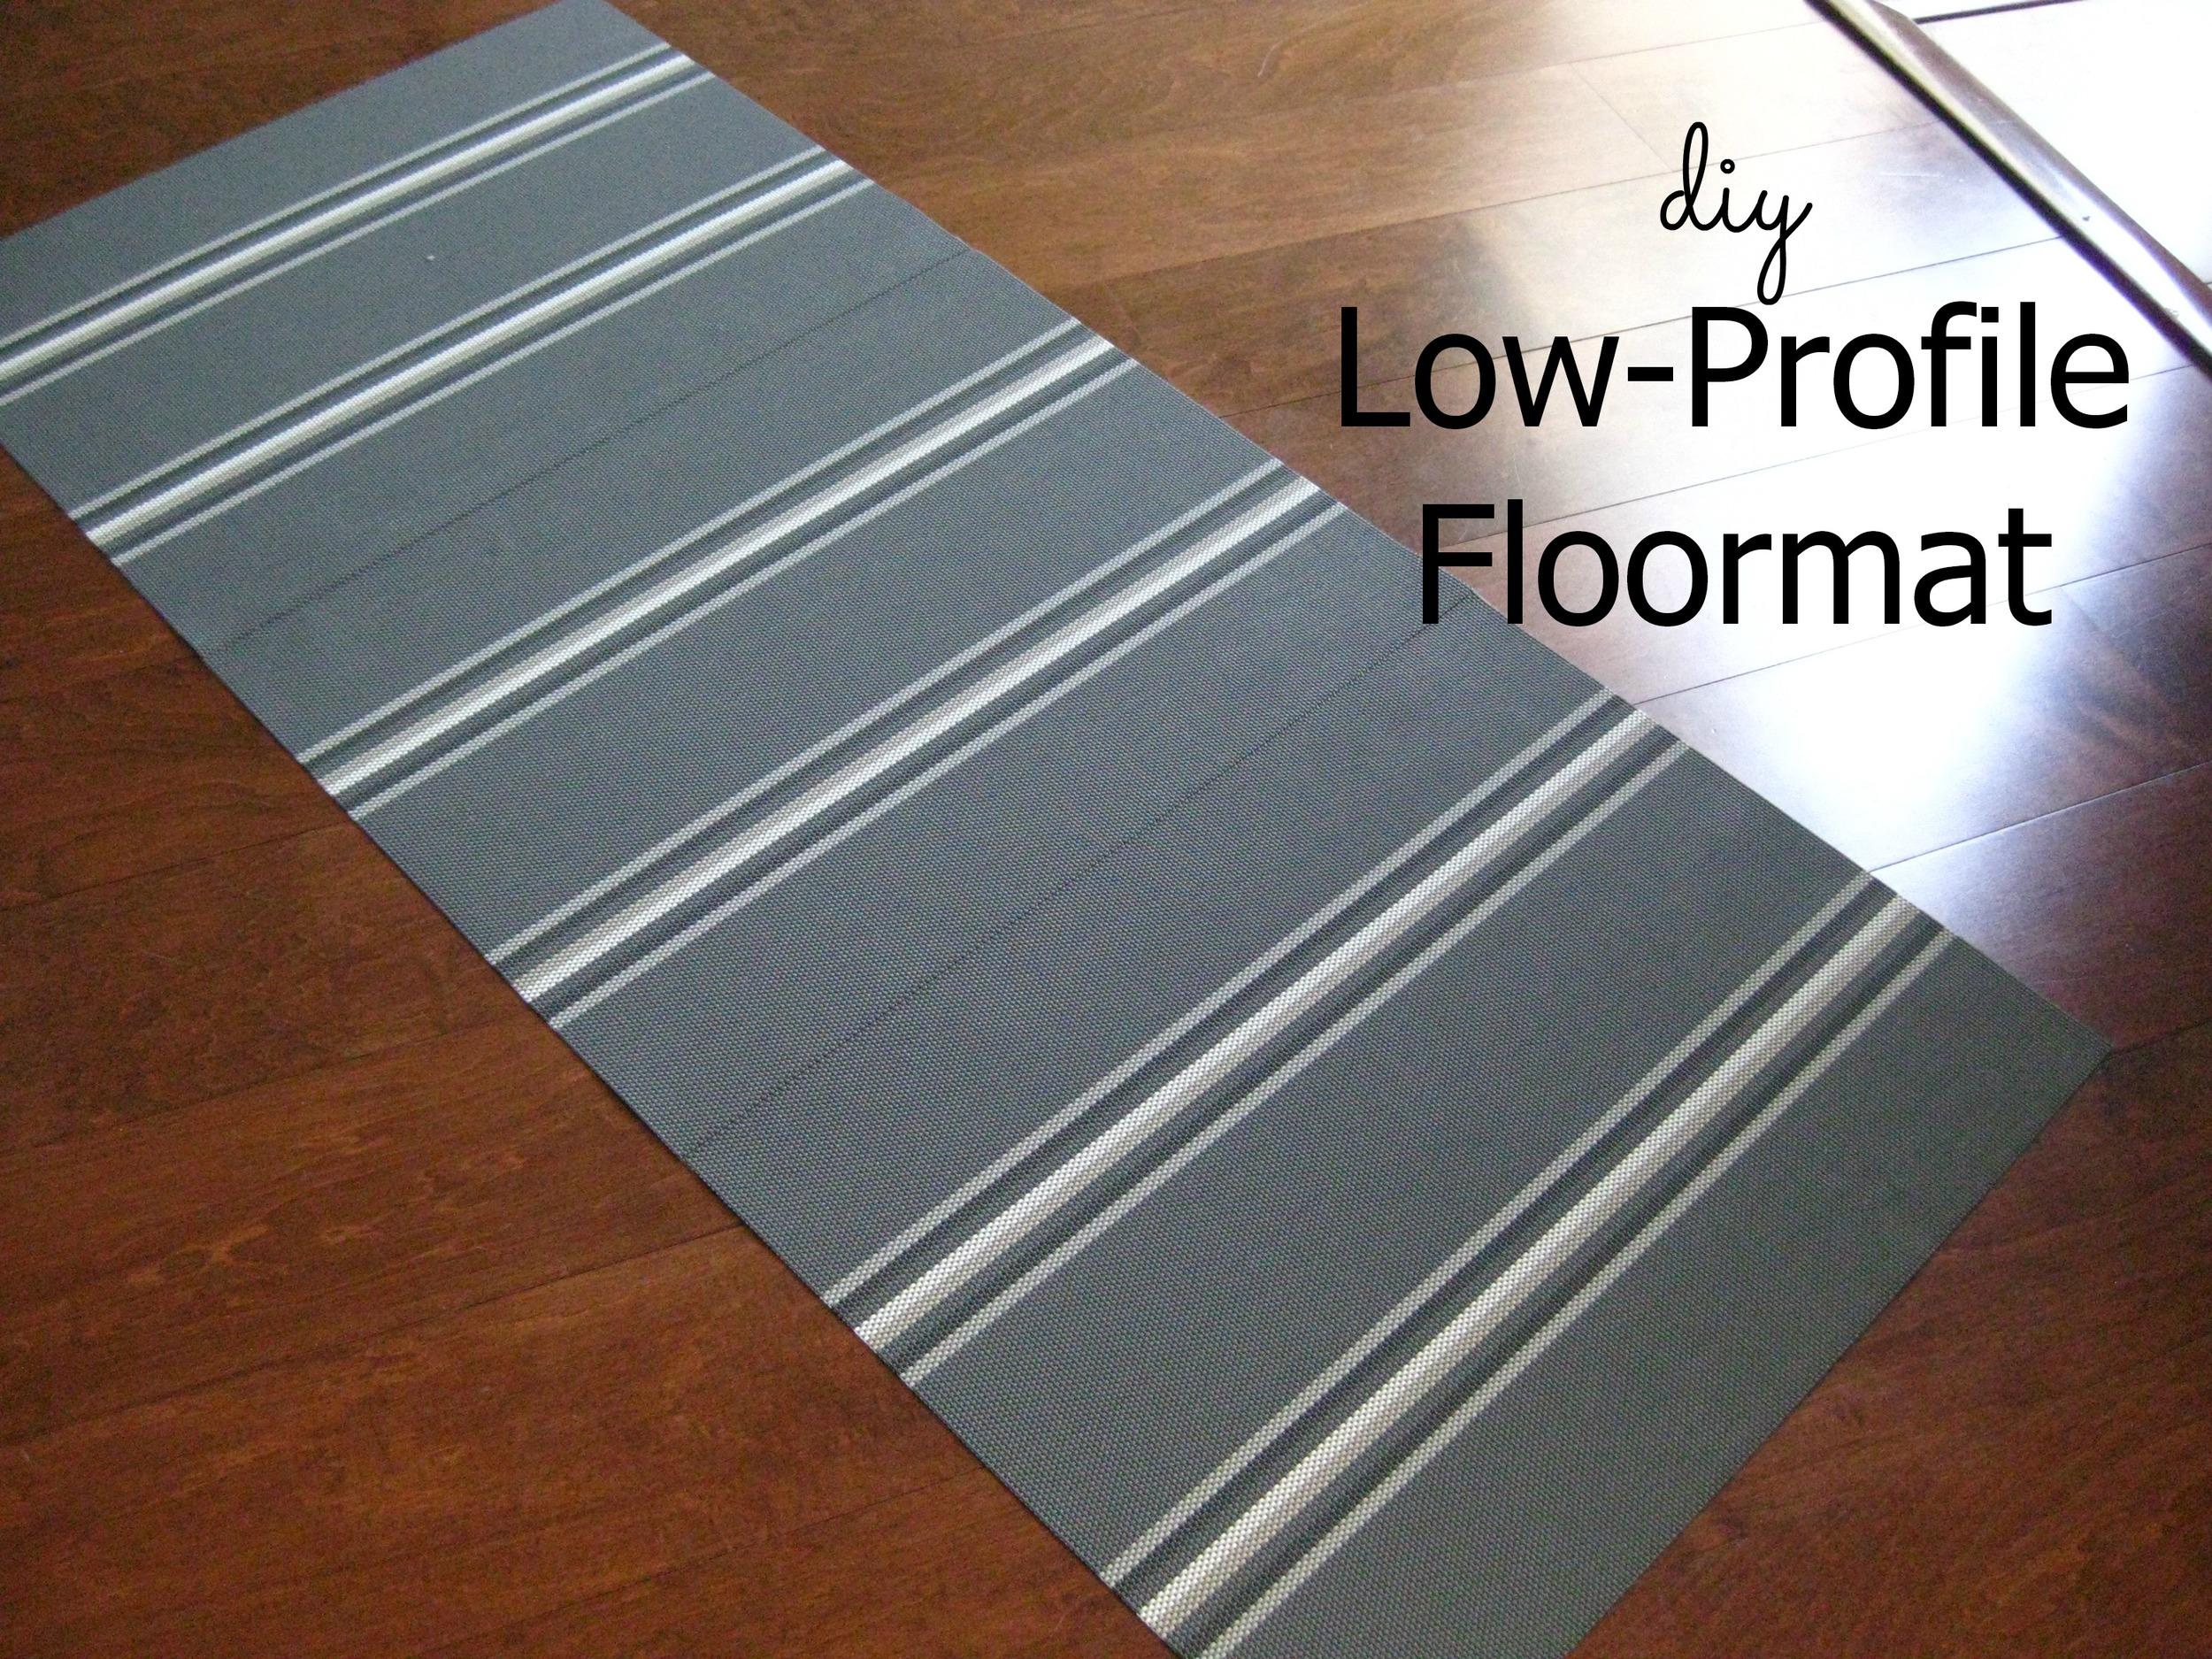 DIY Low-Profile Floormat